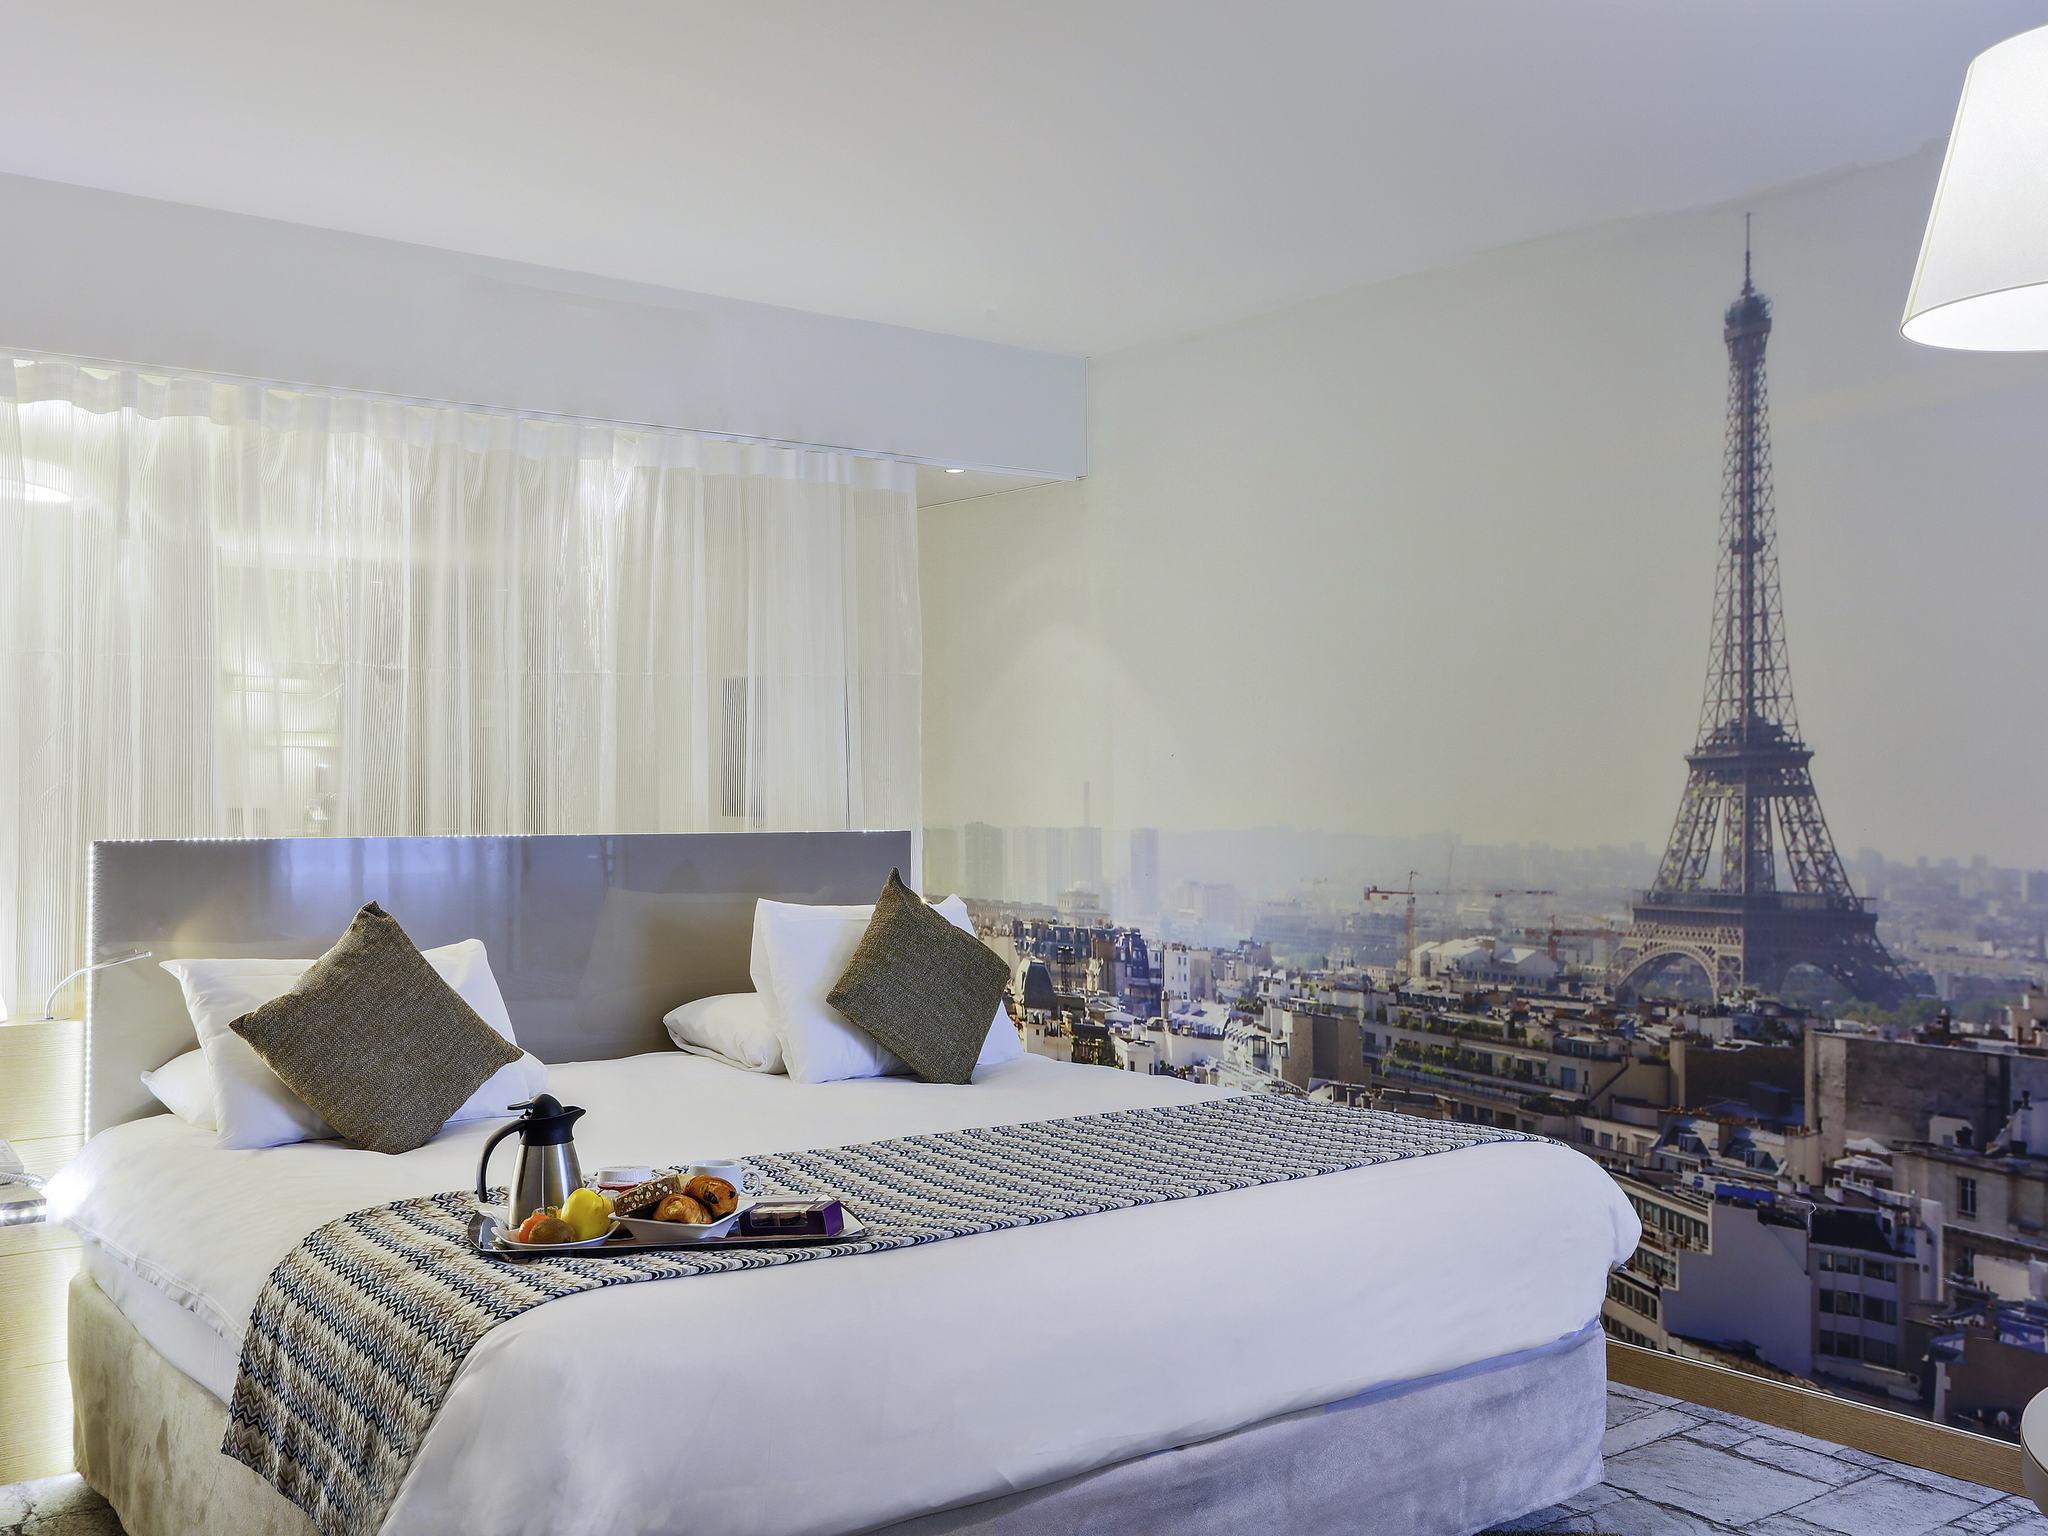 Hotel – Hotel Mercure Parijs Vaugirard Porte de Versailles